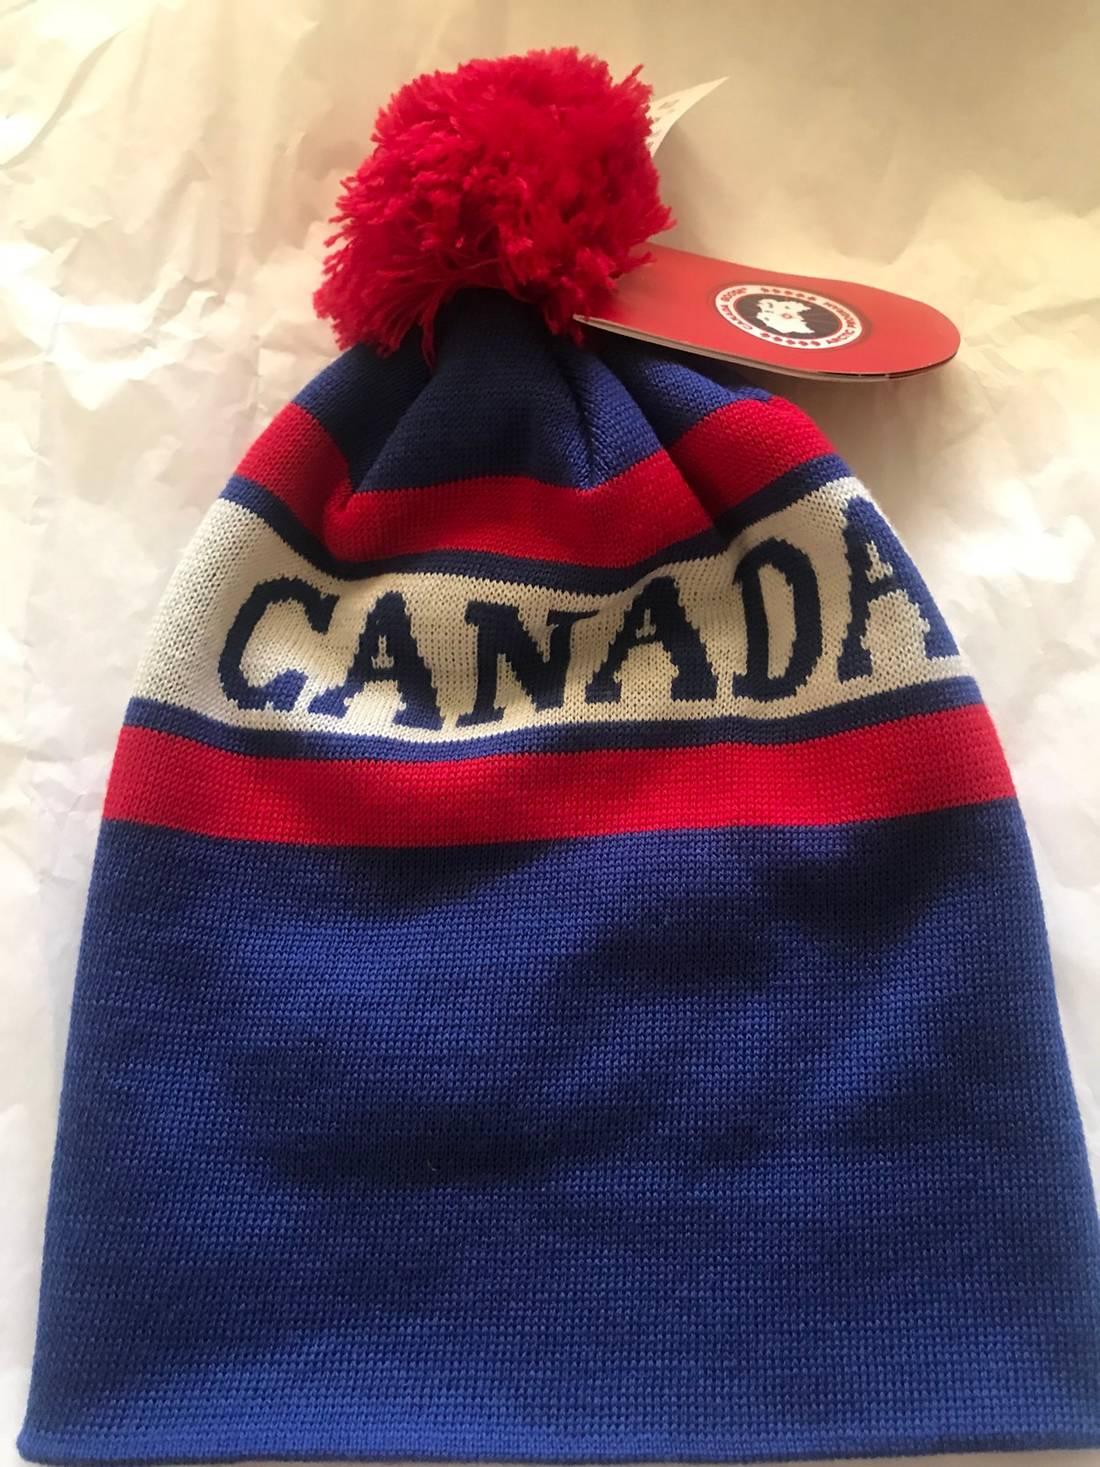 4978af82d6a Canada Goose Fur Pom Pom Hat